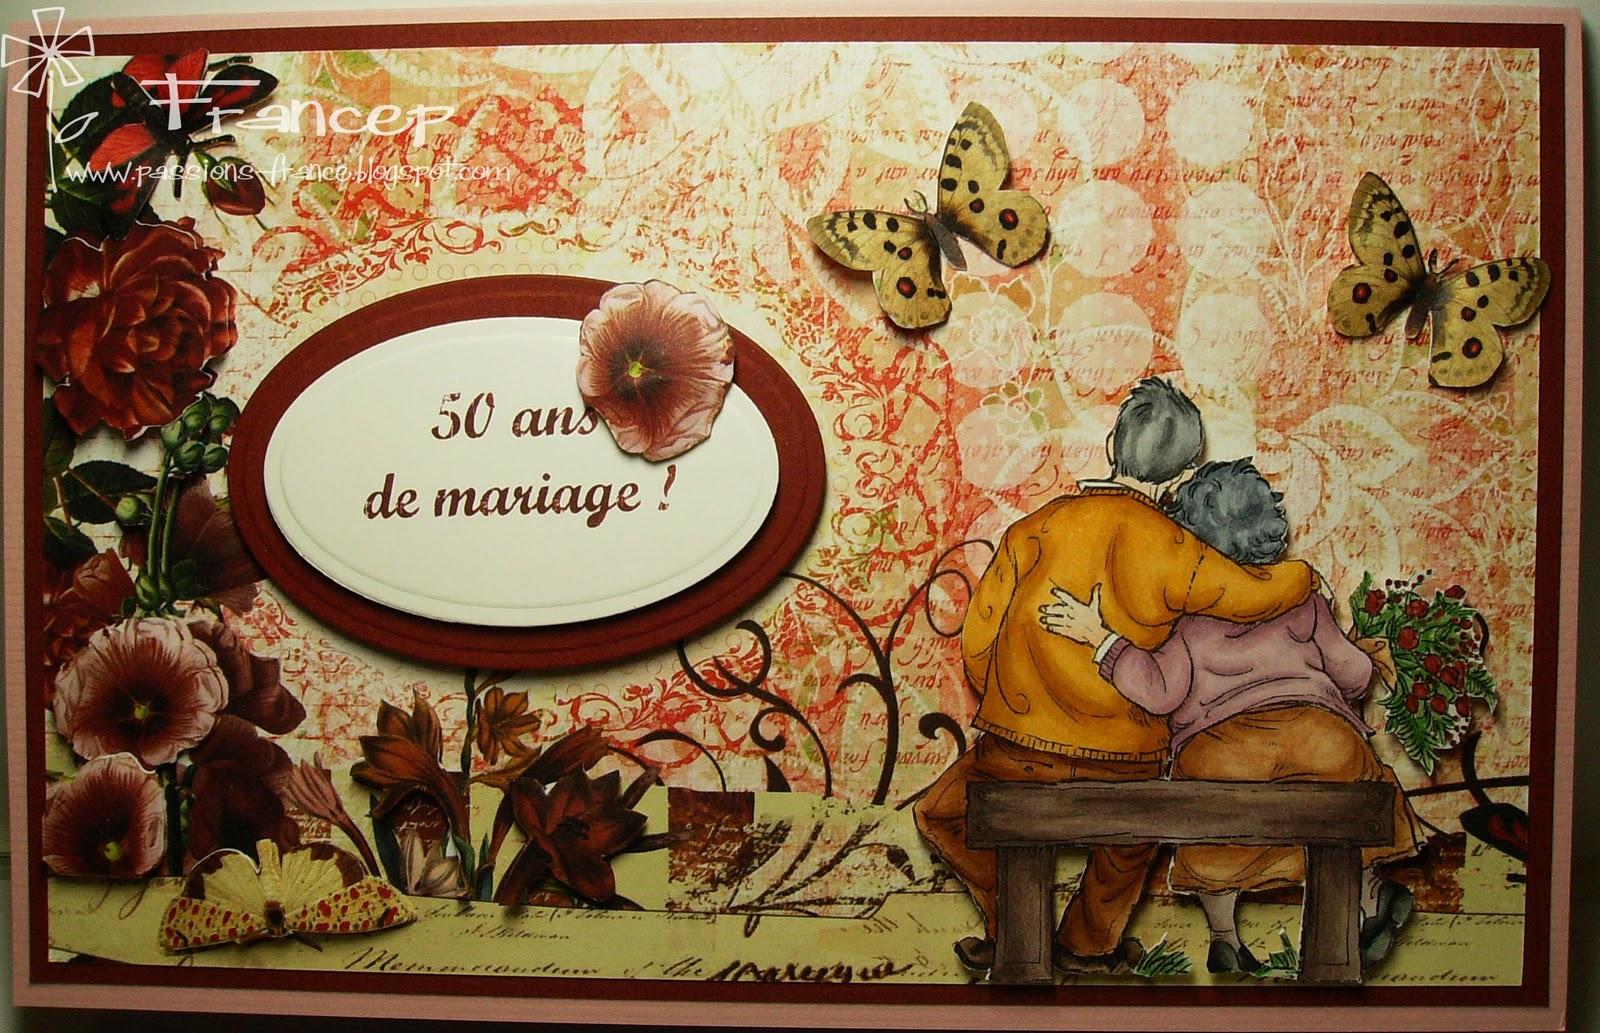 Carterie et autres projets octobre 2011 for 50e anniversaire de mariage